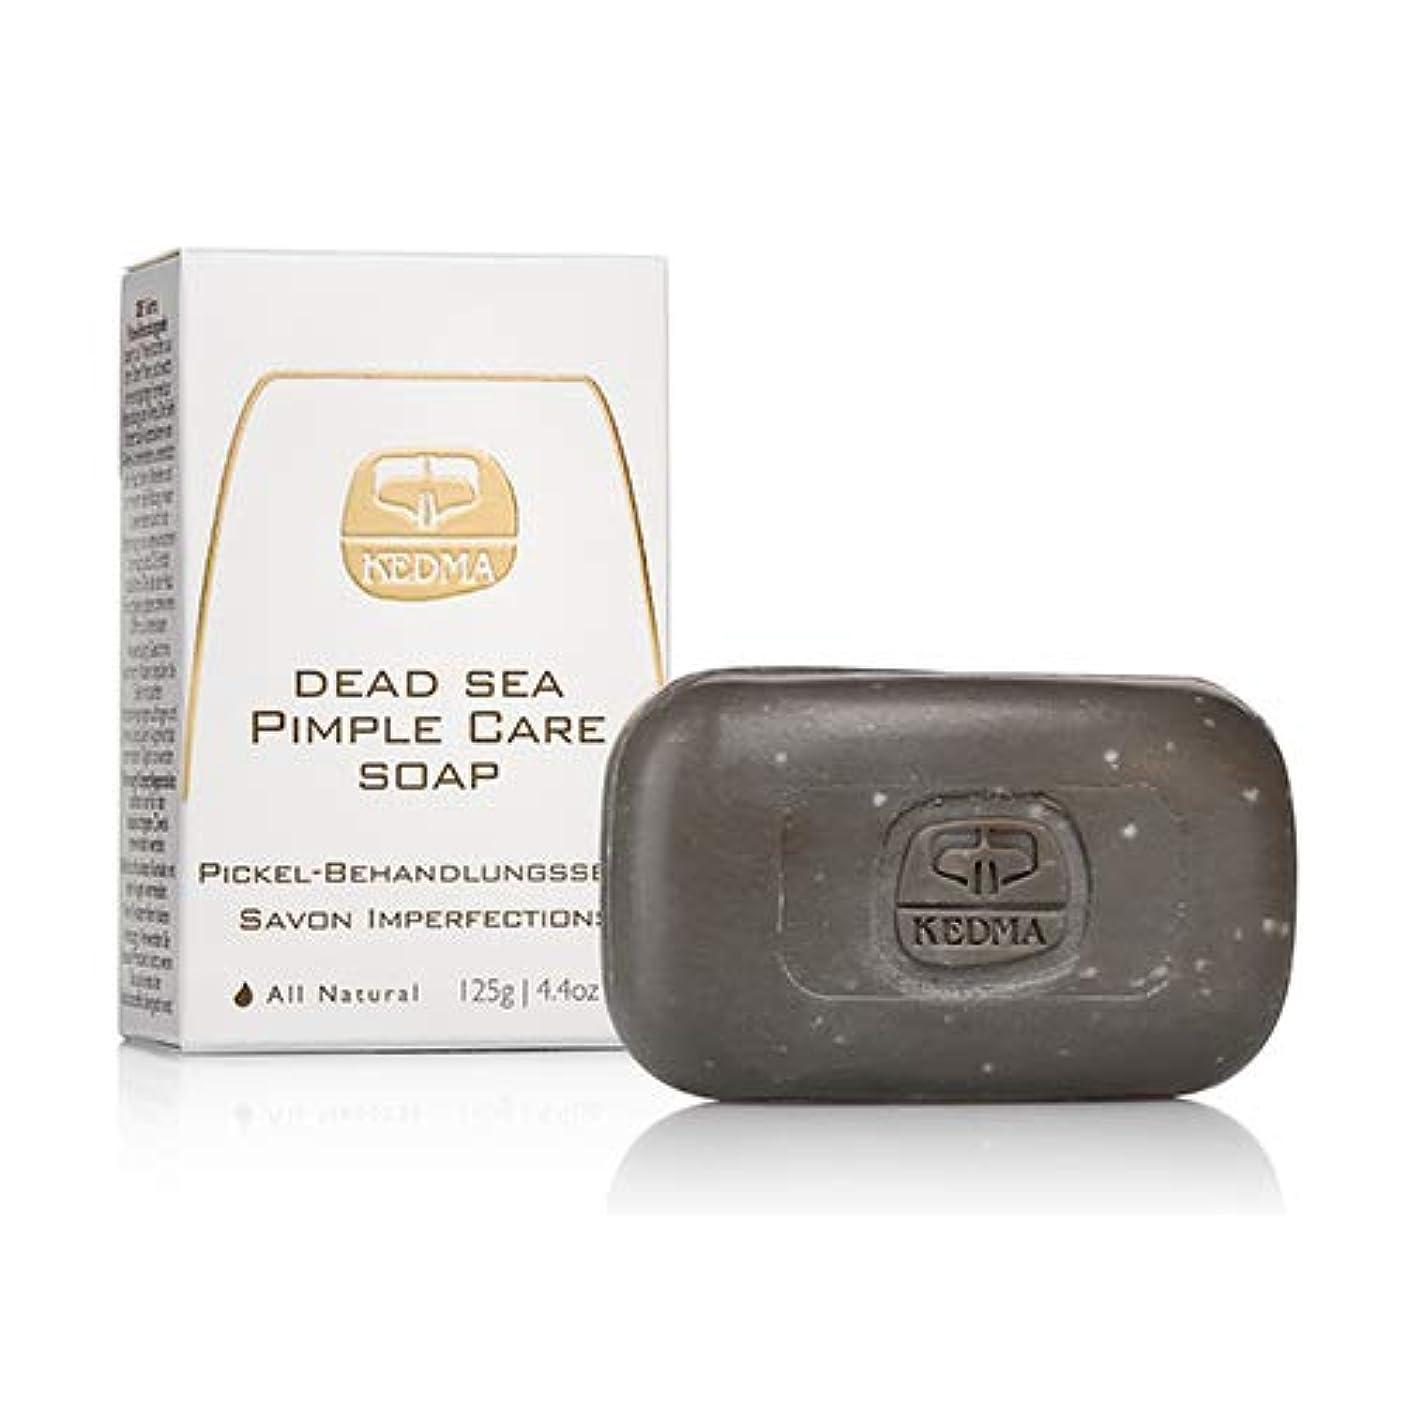 元の懐昇進【日本初上陸/正規代理店】死海のミネラル石鹸 死海ピンプルケアソープ 125g